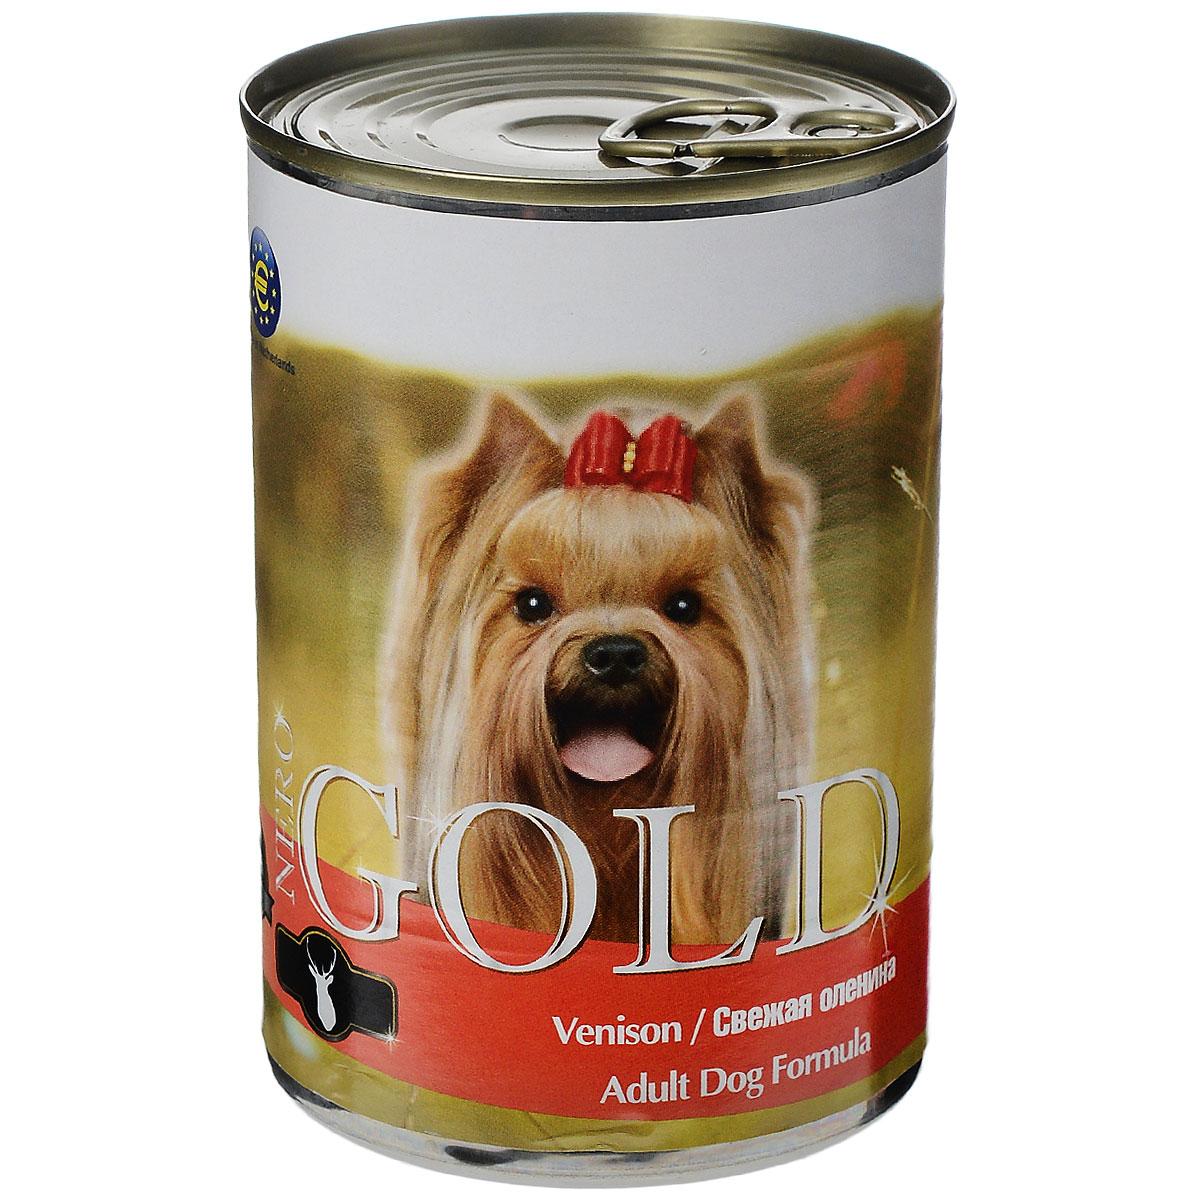 Консервы для собак Nero Gold, с олениной, 410 г10326Консервы для собак Nero Gold - полнорационный продукт, содержащий все необходимые витамины и минералы, сбалансированный для поддержания оптимального здоровья вашего питомца! Состав: мясо и его производные, филе курицы, оленина, злаки, витамины и минералы. Гарантированный анализ: белки 6,5%, жиры 4,5%, клетчатка 0,5%, зола 2%, влага 81%. Пищевые добавки на 1 кг продукта: витамин А 1600 МЕ, витамин D 140 МЕ, витамин Е 10 МЕ, железо 24 мг, марганец 6 мг, цинк 15 мг, медь 1 мг, магний 200 мг, йод 0,3 мг, селен 0,2 мг. Вес: 410 г. Товар сертифицирован.